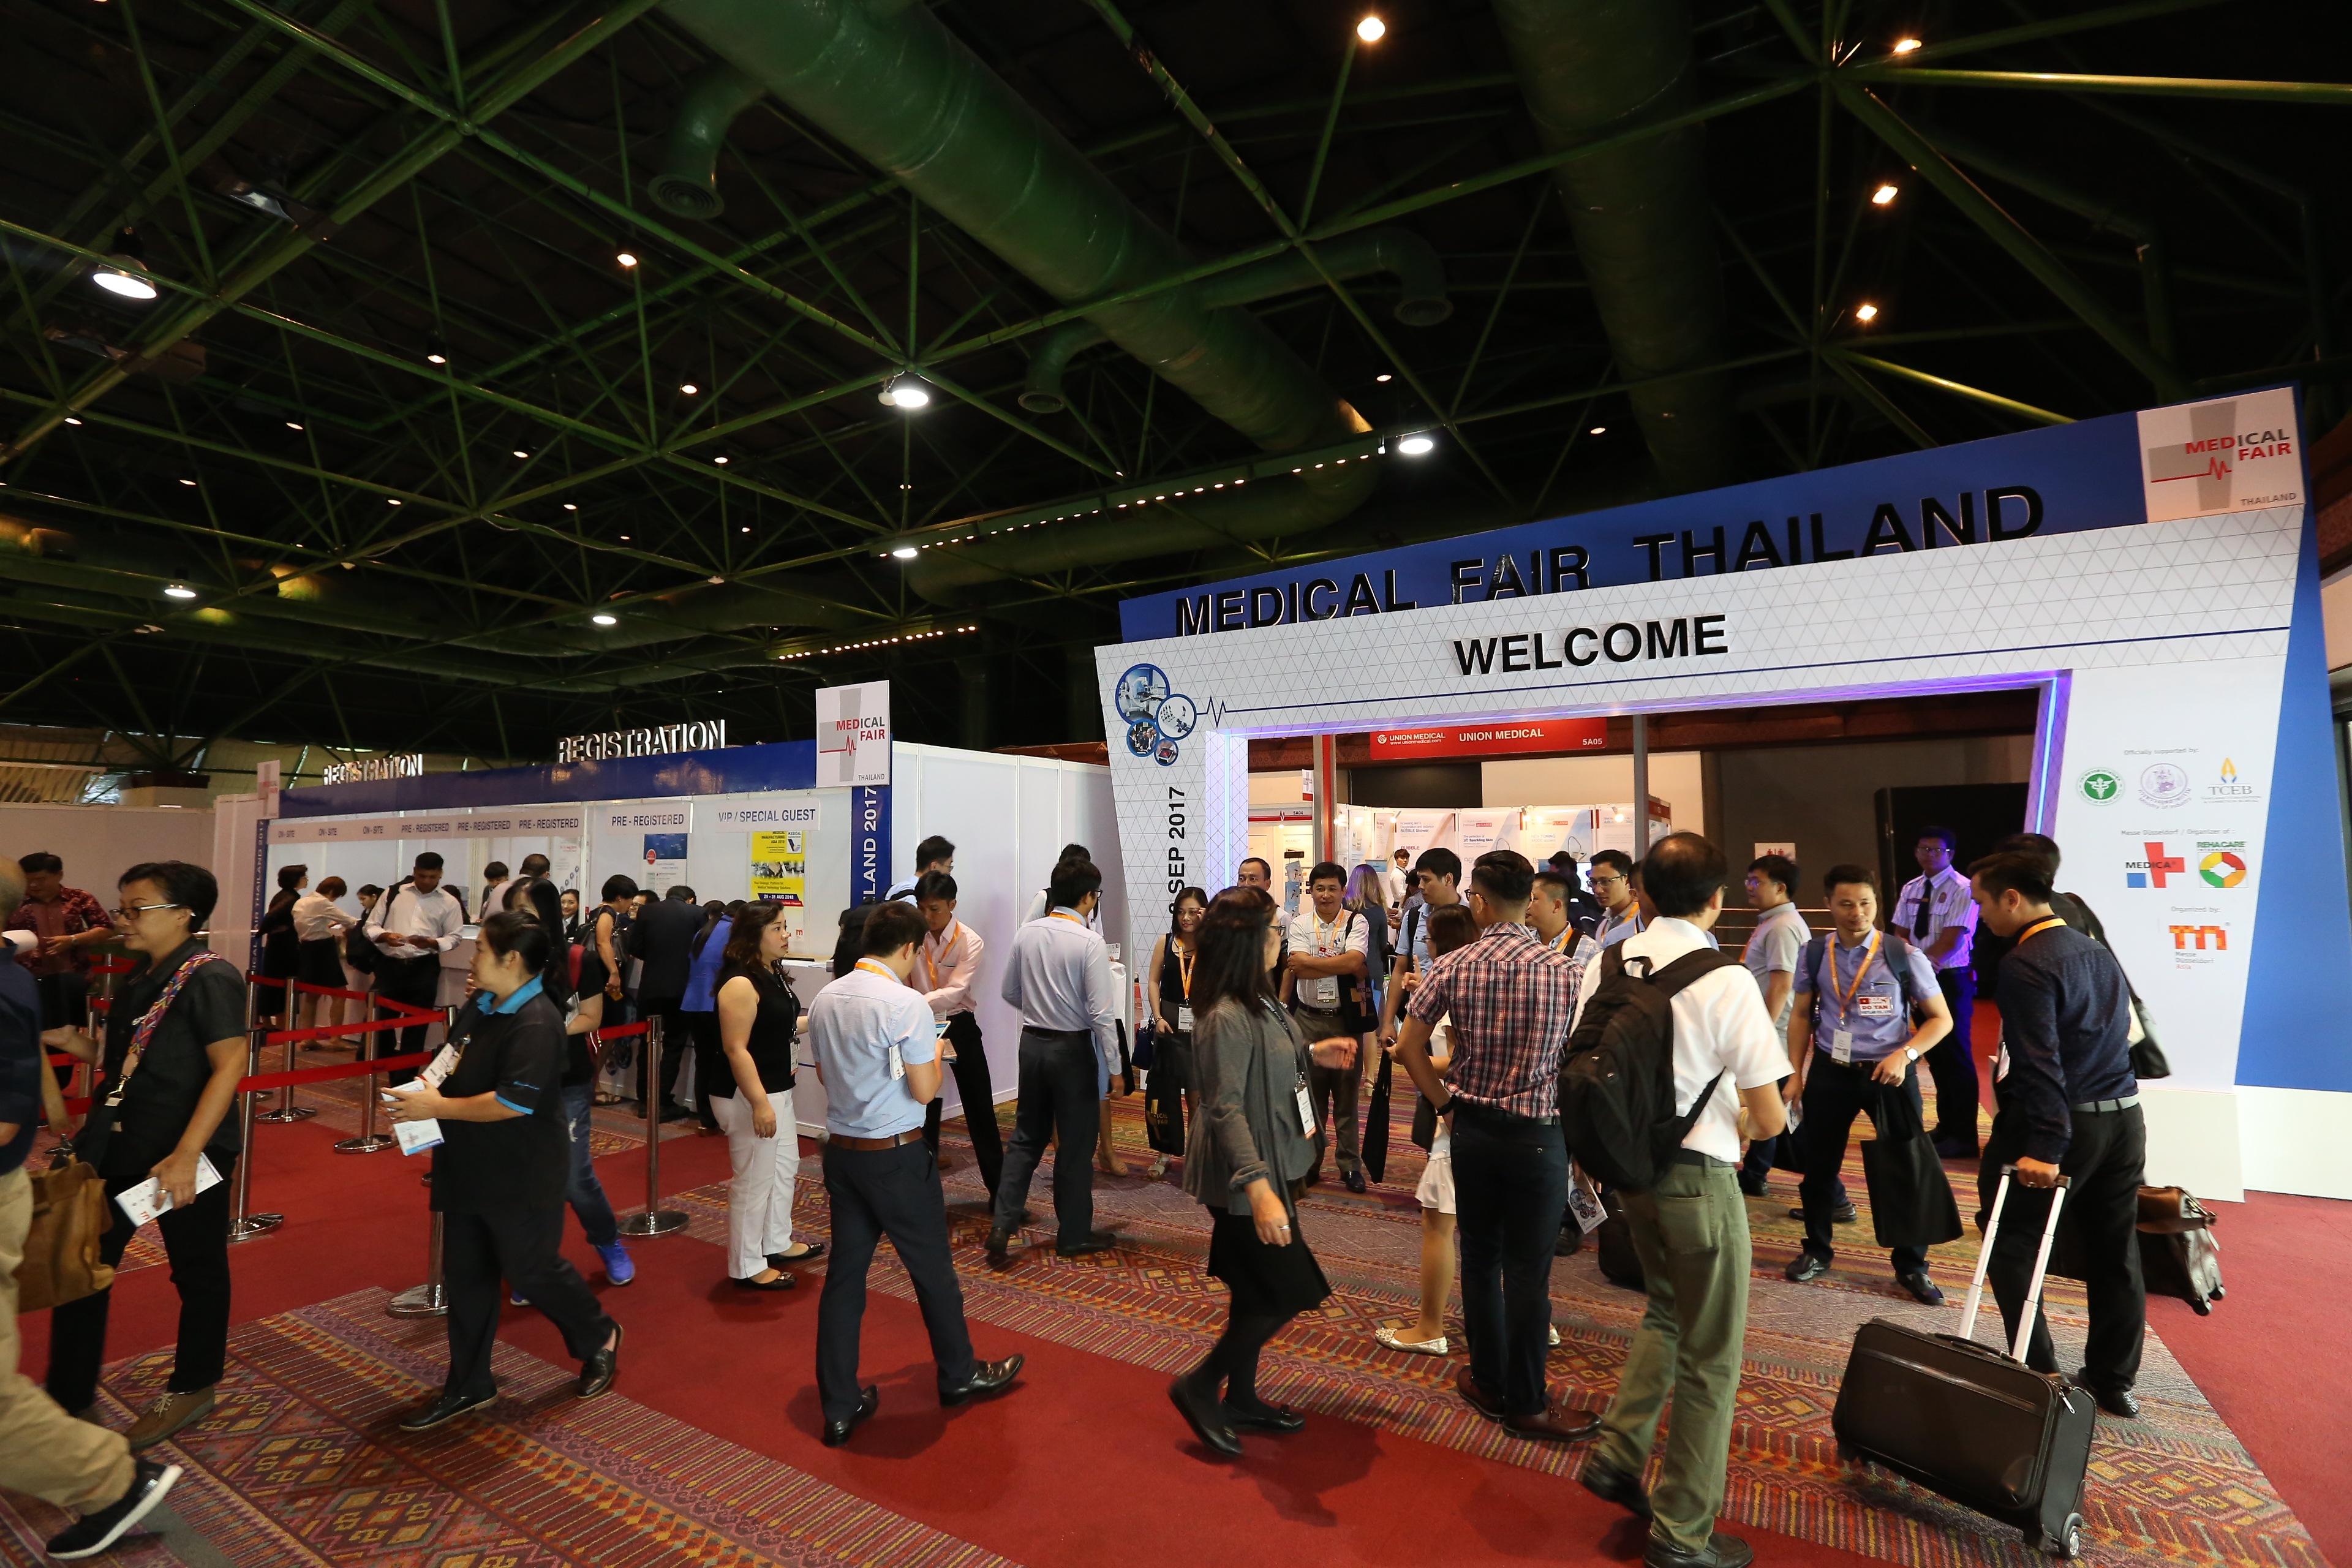 MEDICAL FAIR THAILAND sets record again